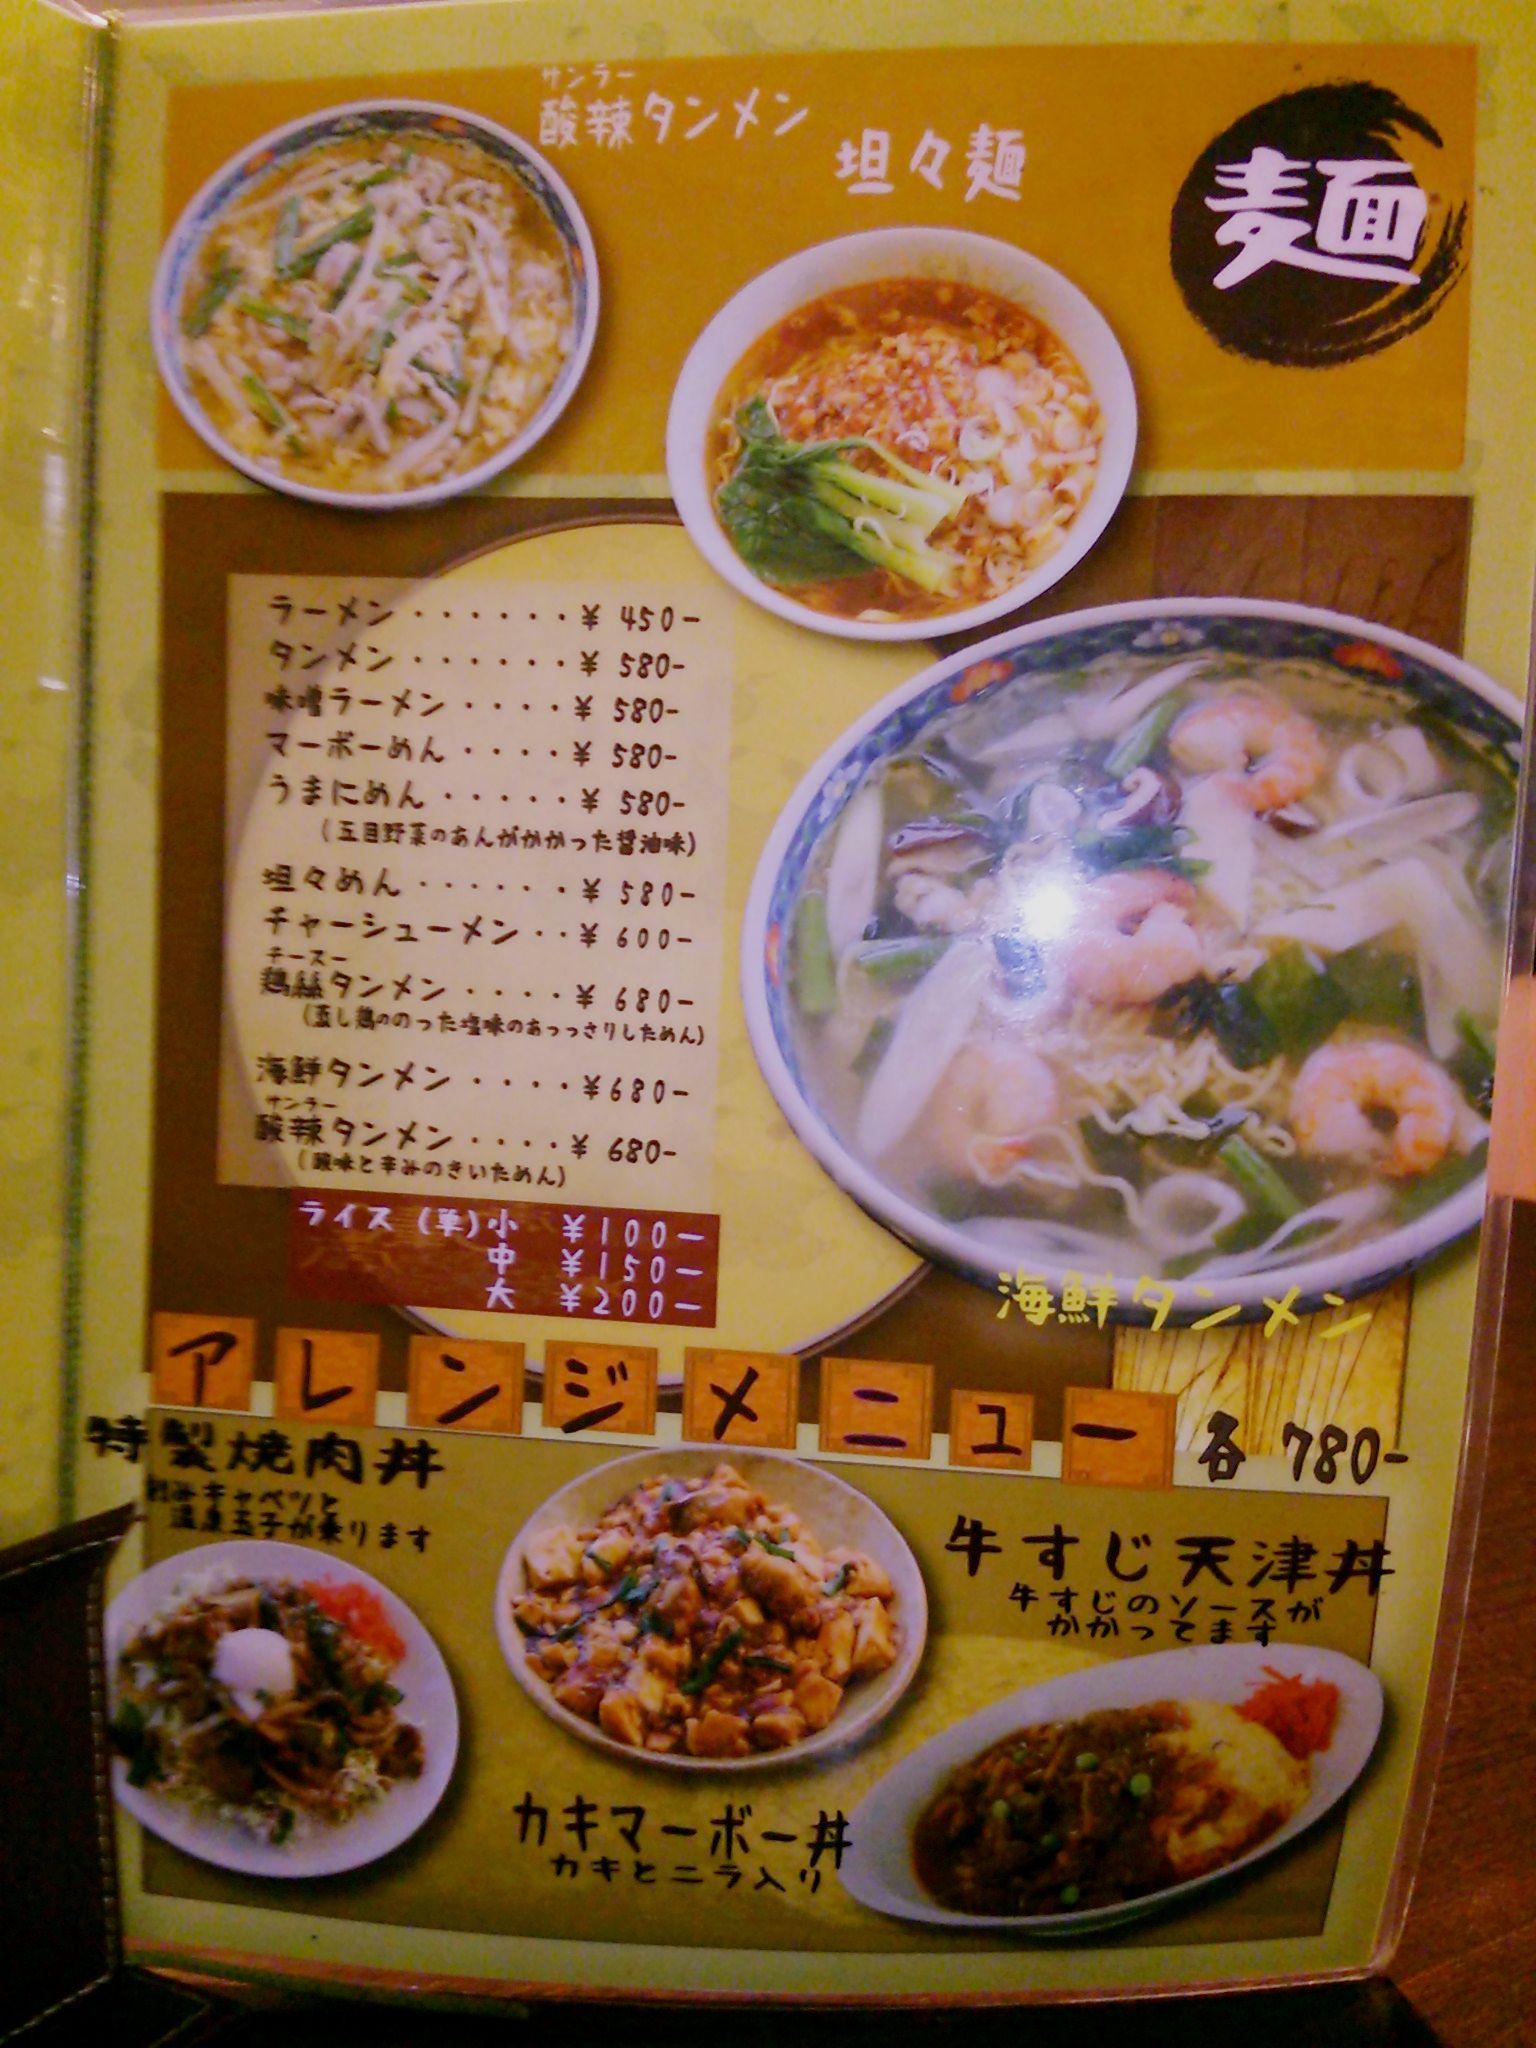 三華の麺メニュー